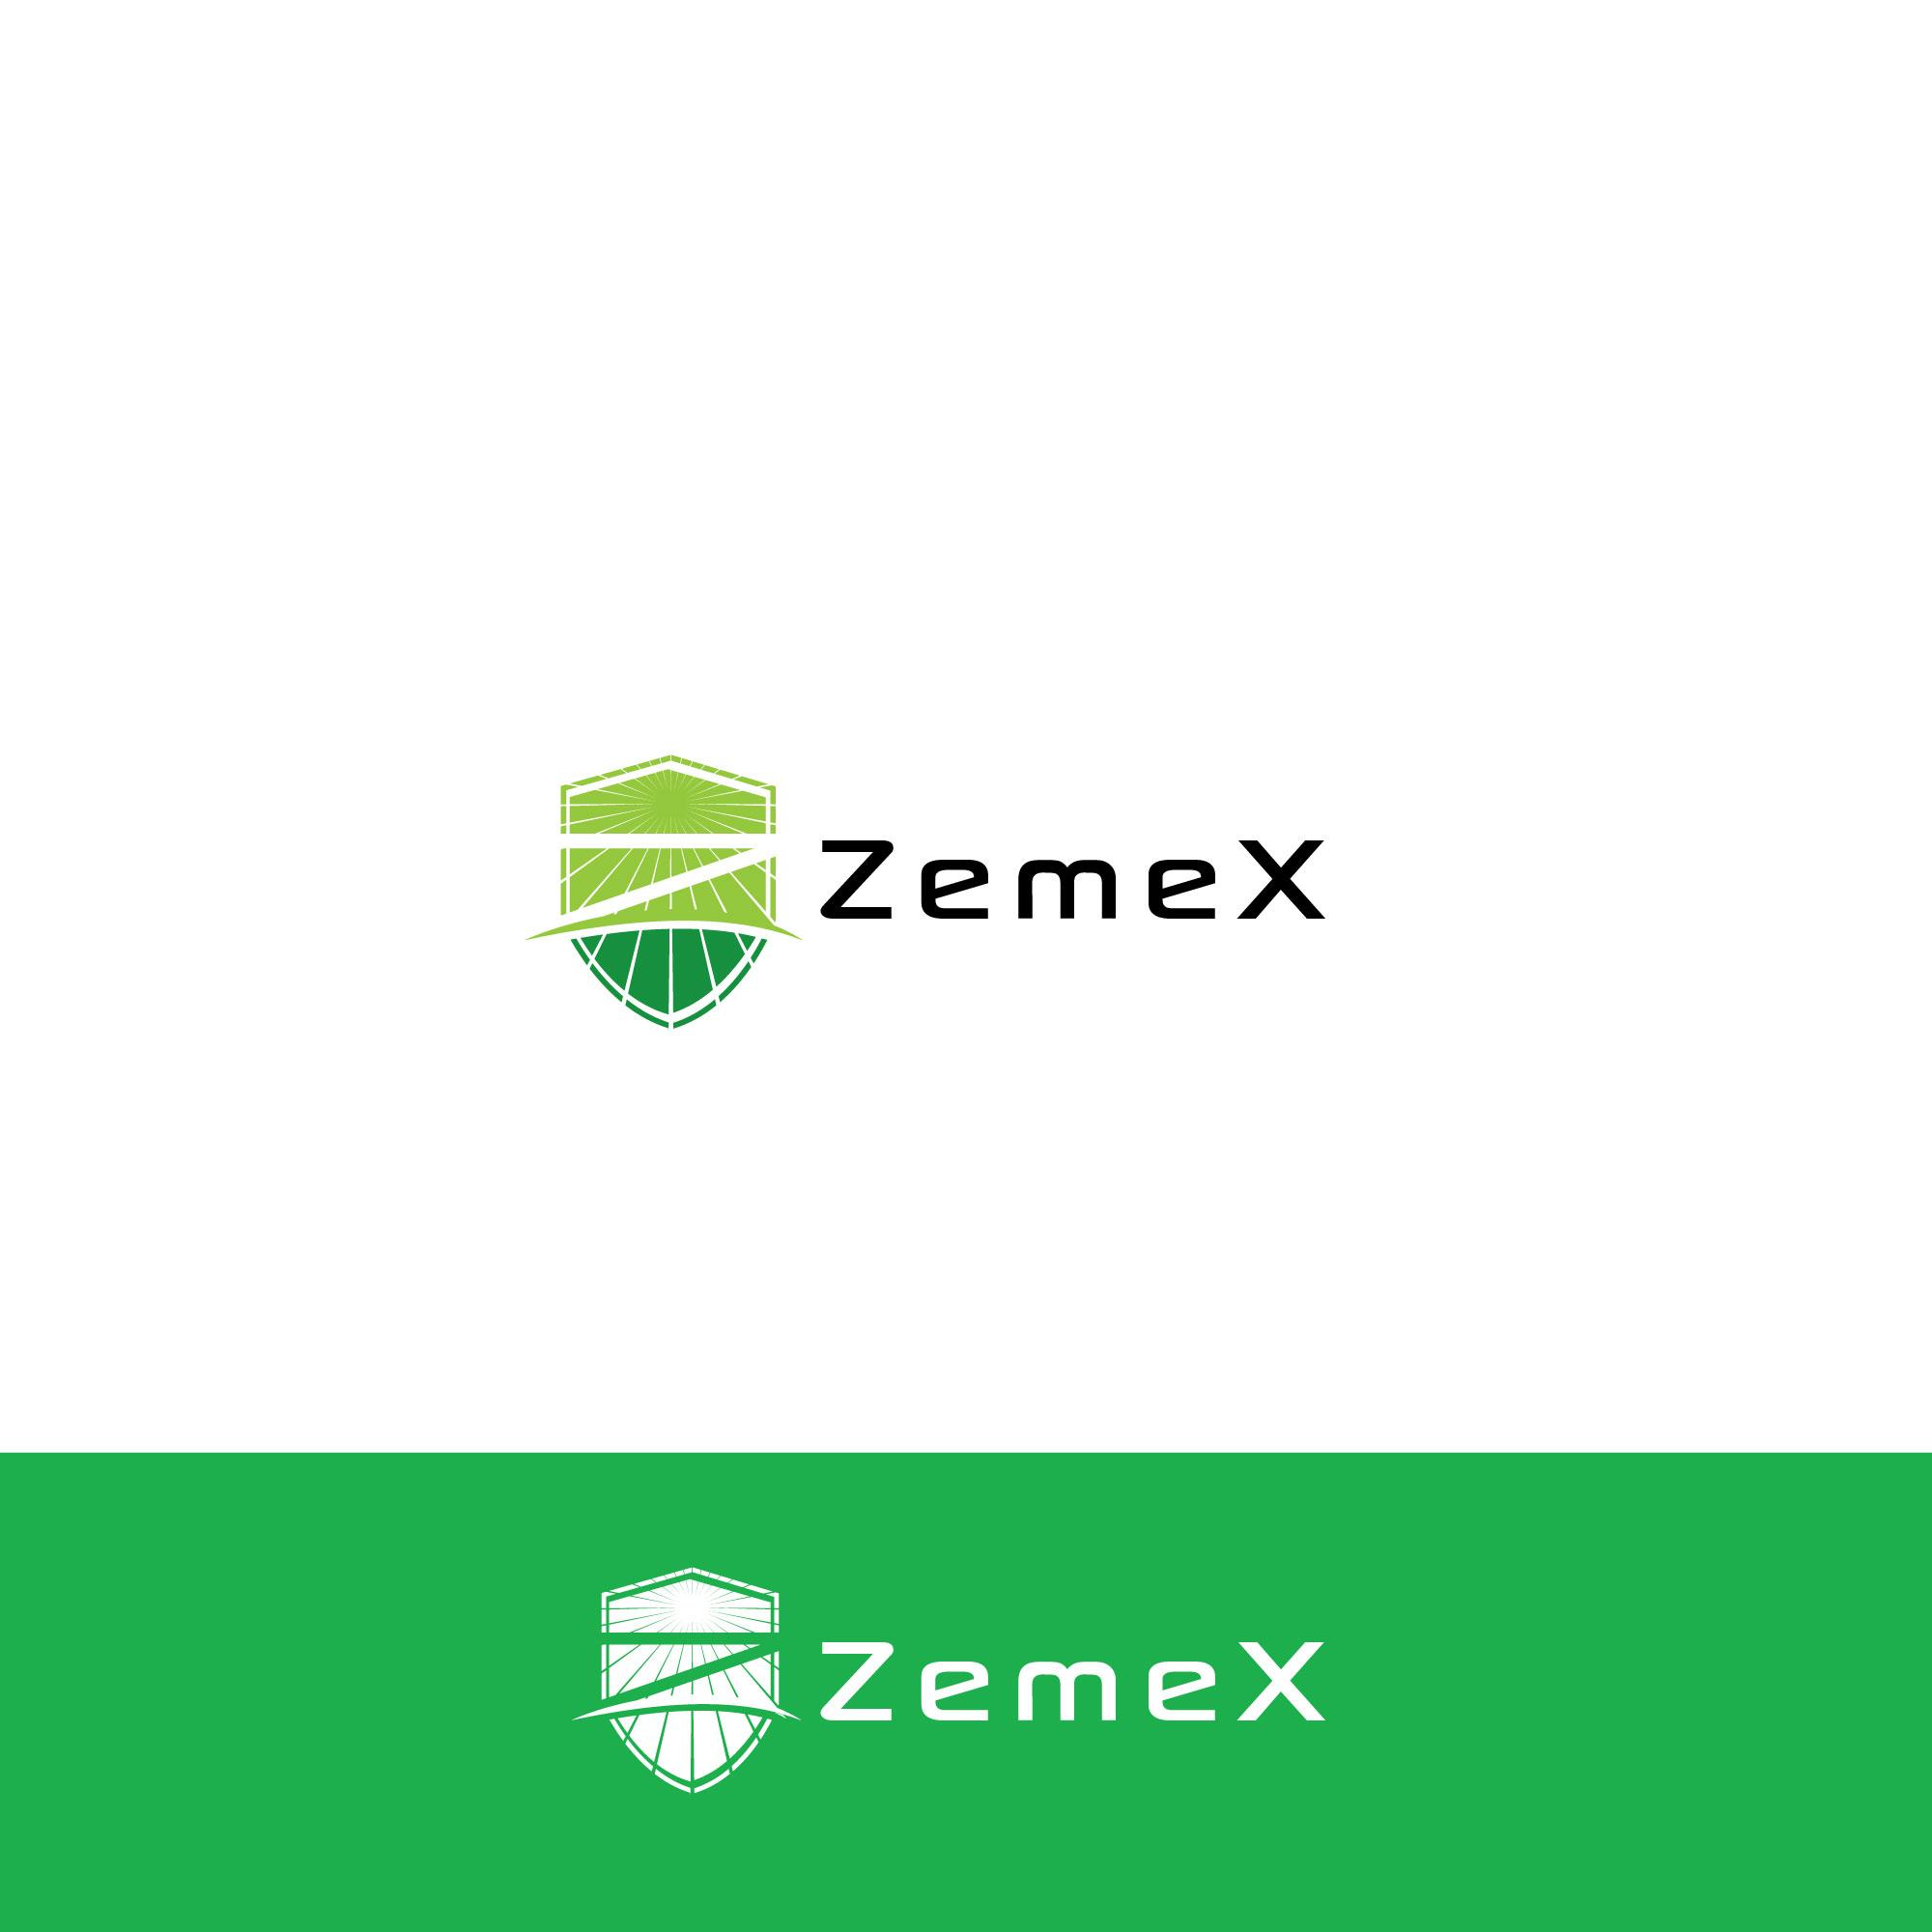 Создание логотипа и фирменного стиля фото f_05659e4e79e3ebb7.jpg